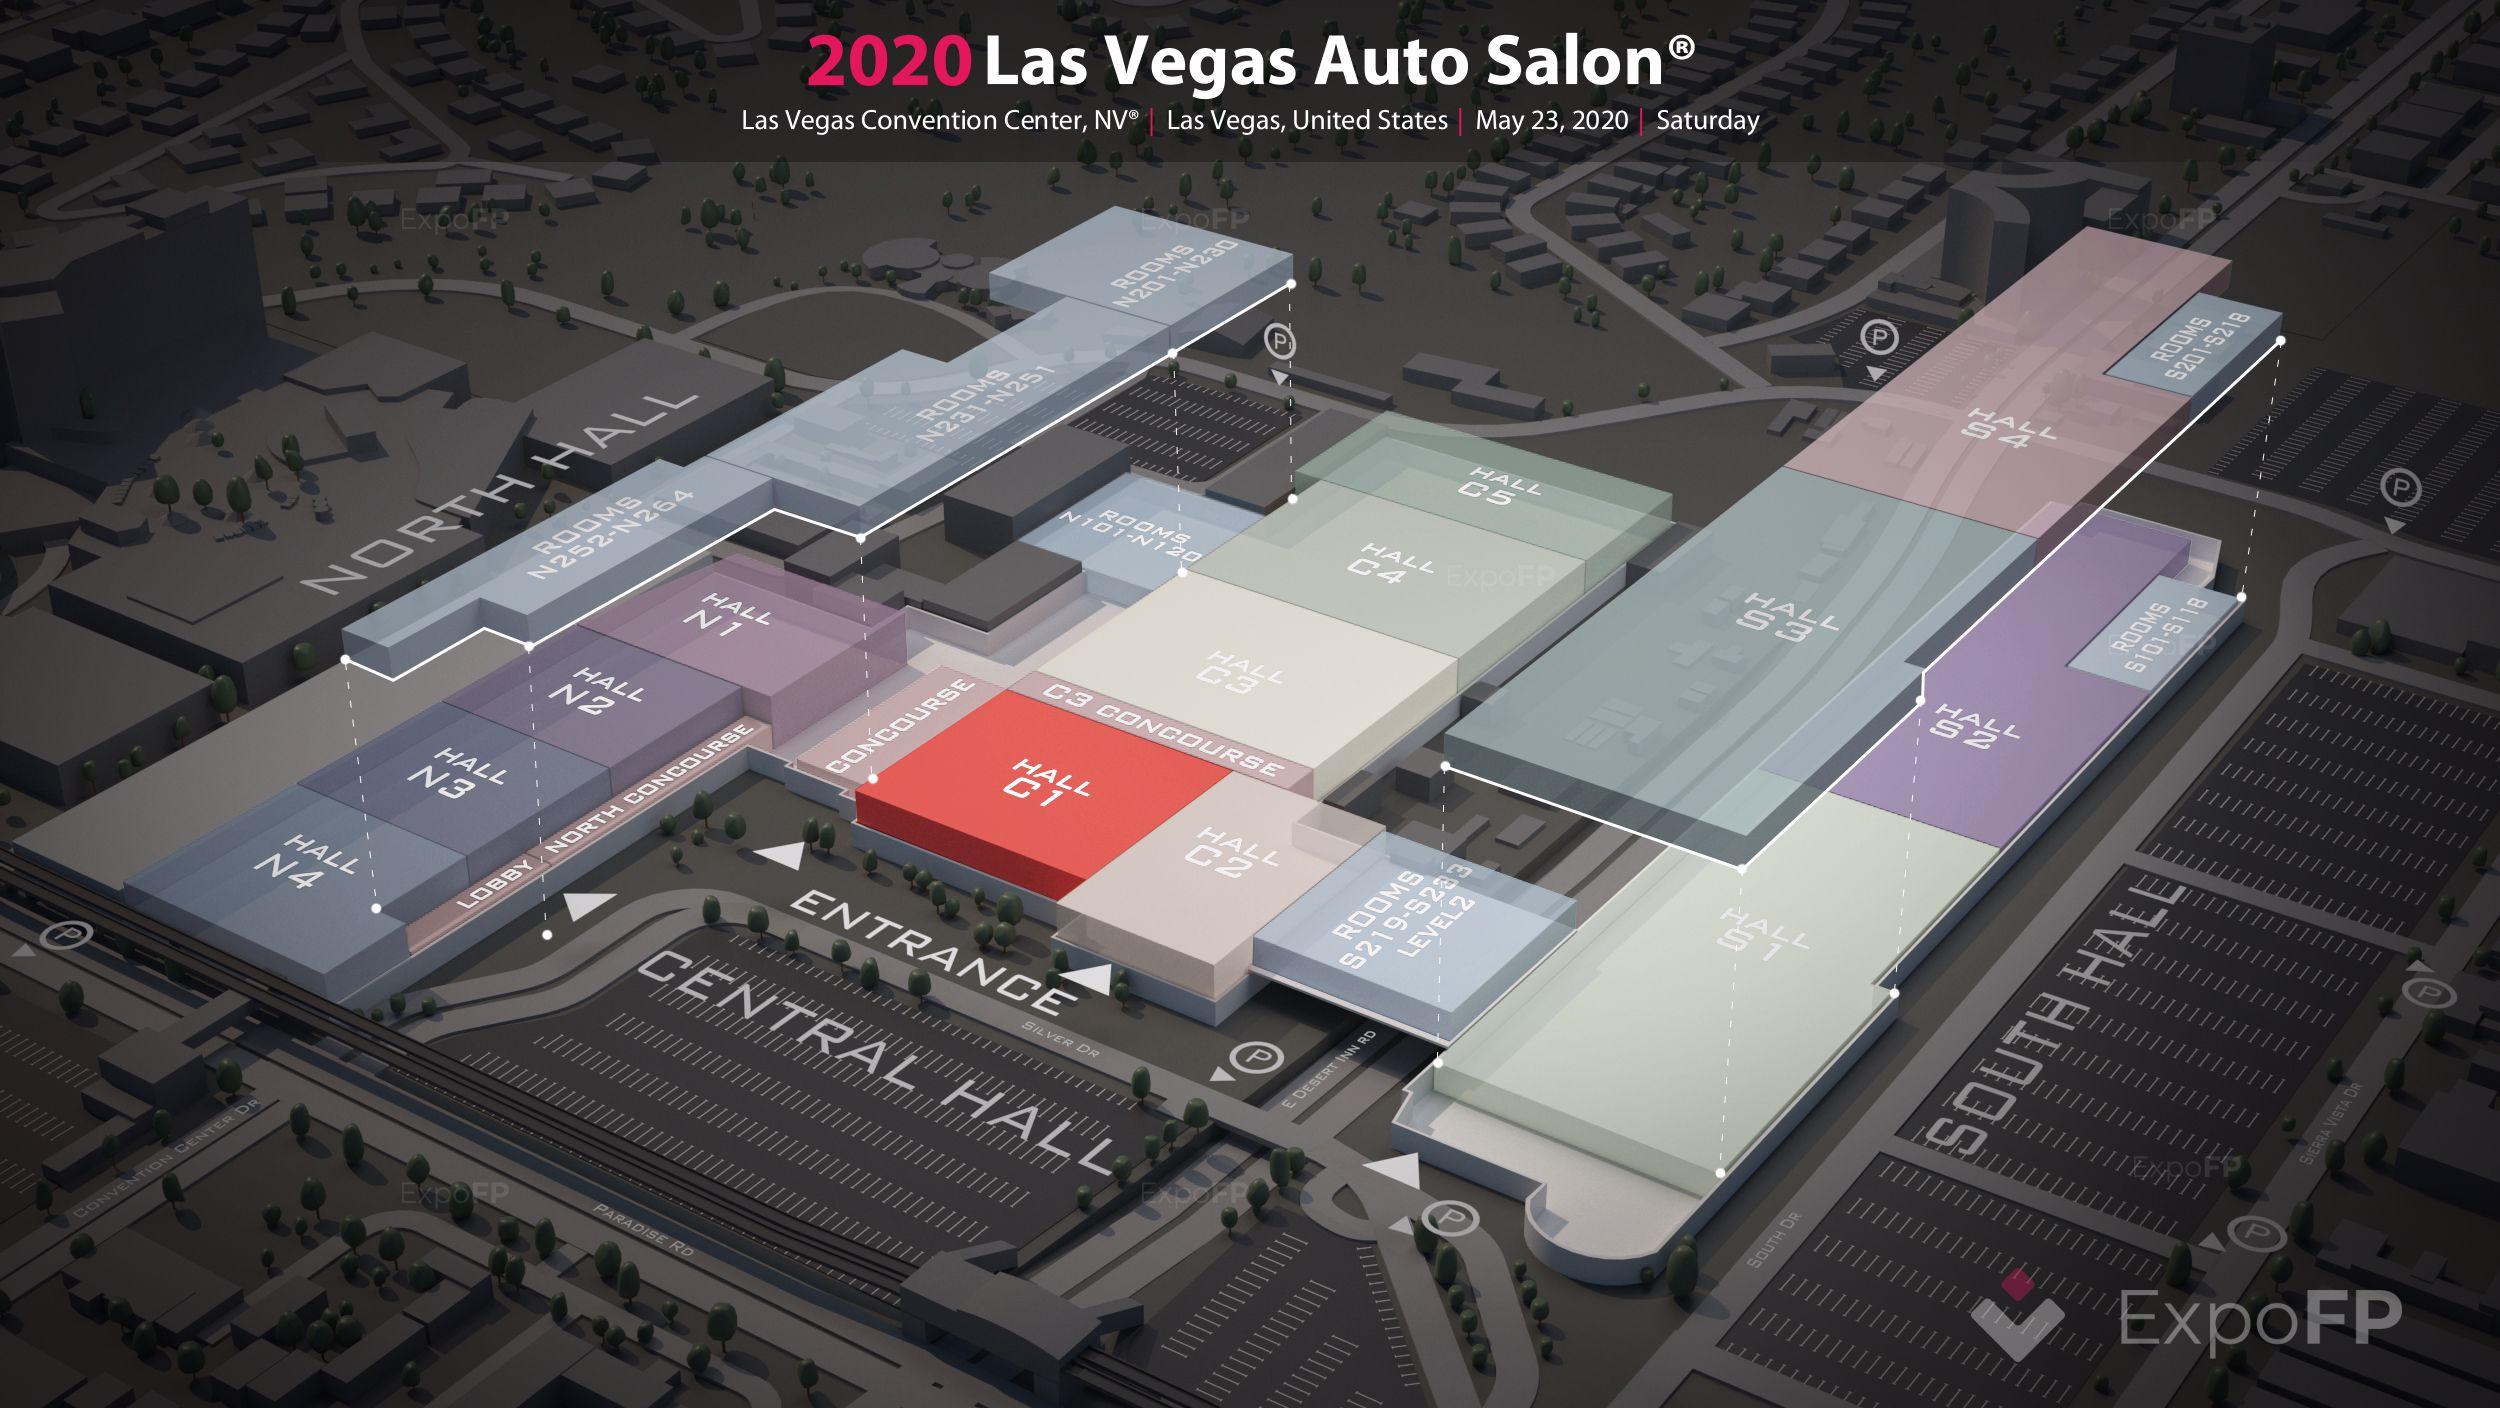 Las vegas auto salon 2020 register | las vegas auto salon 2020 3d floor plan | las vegas auto salon produced by importexpo 2020